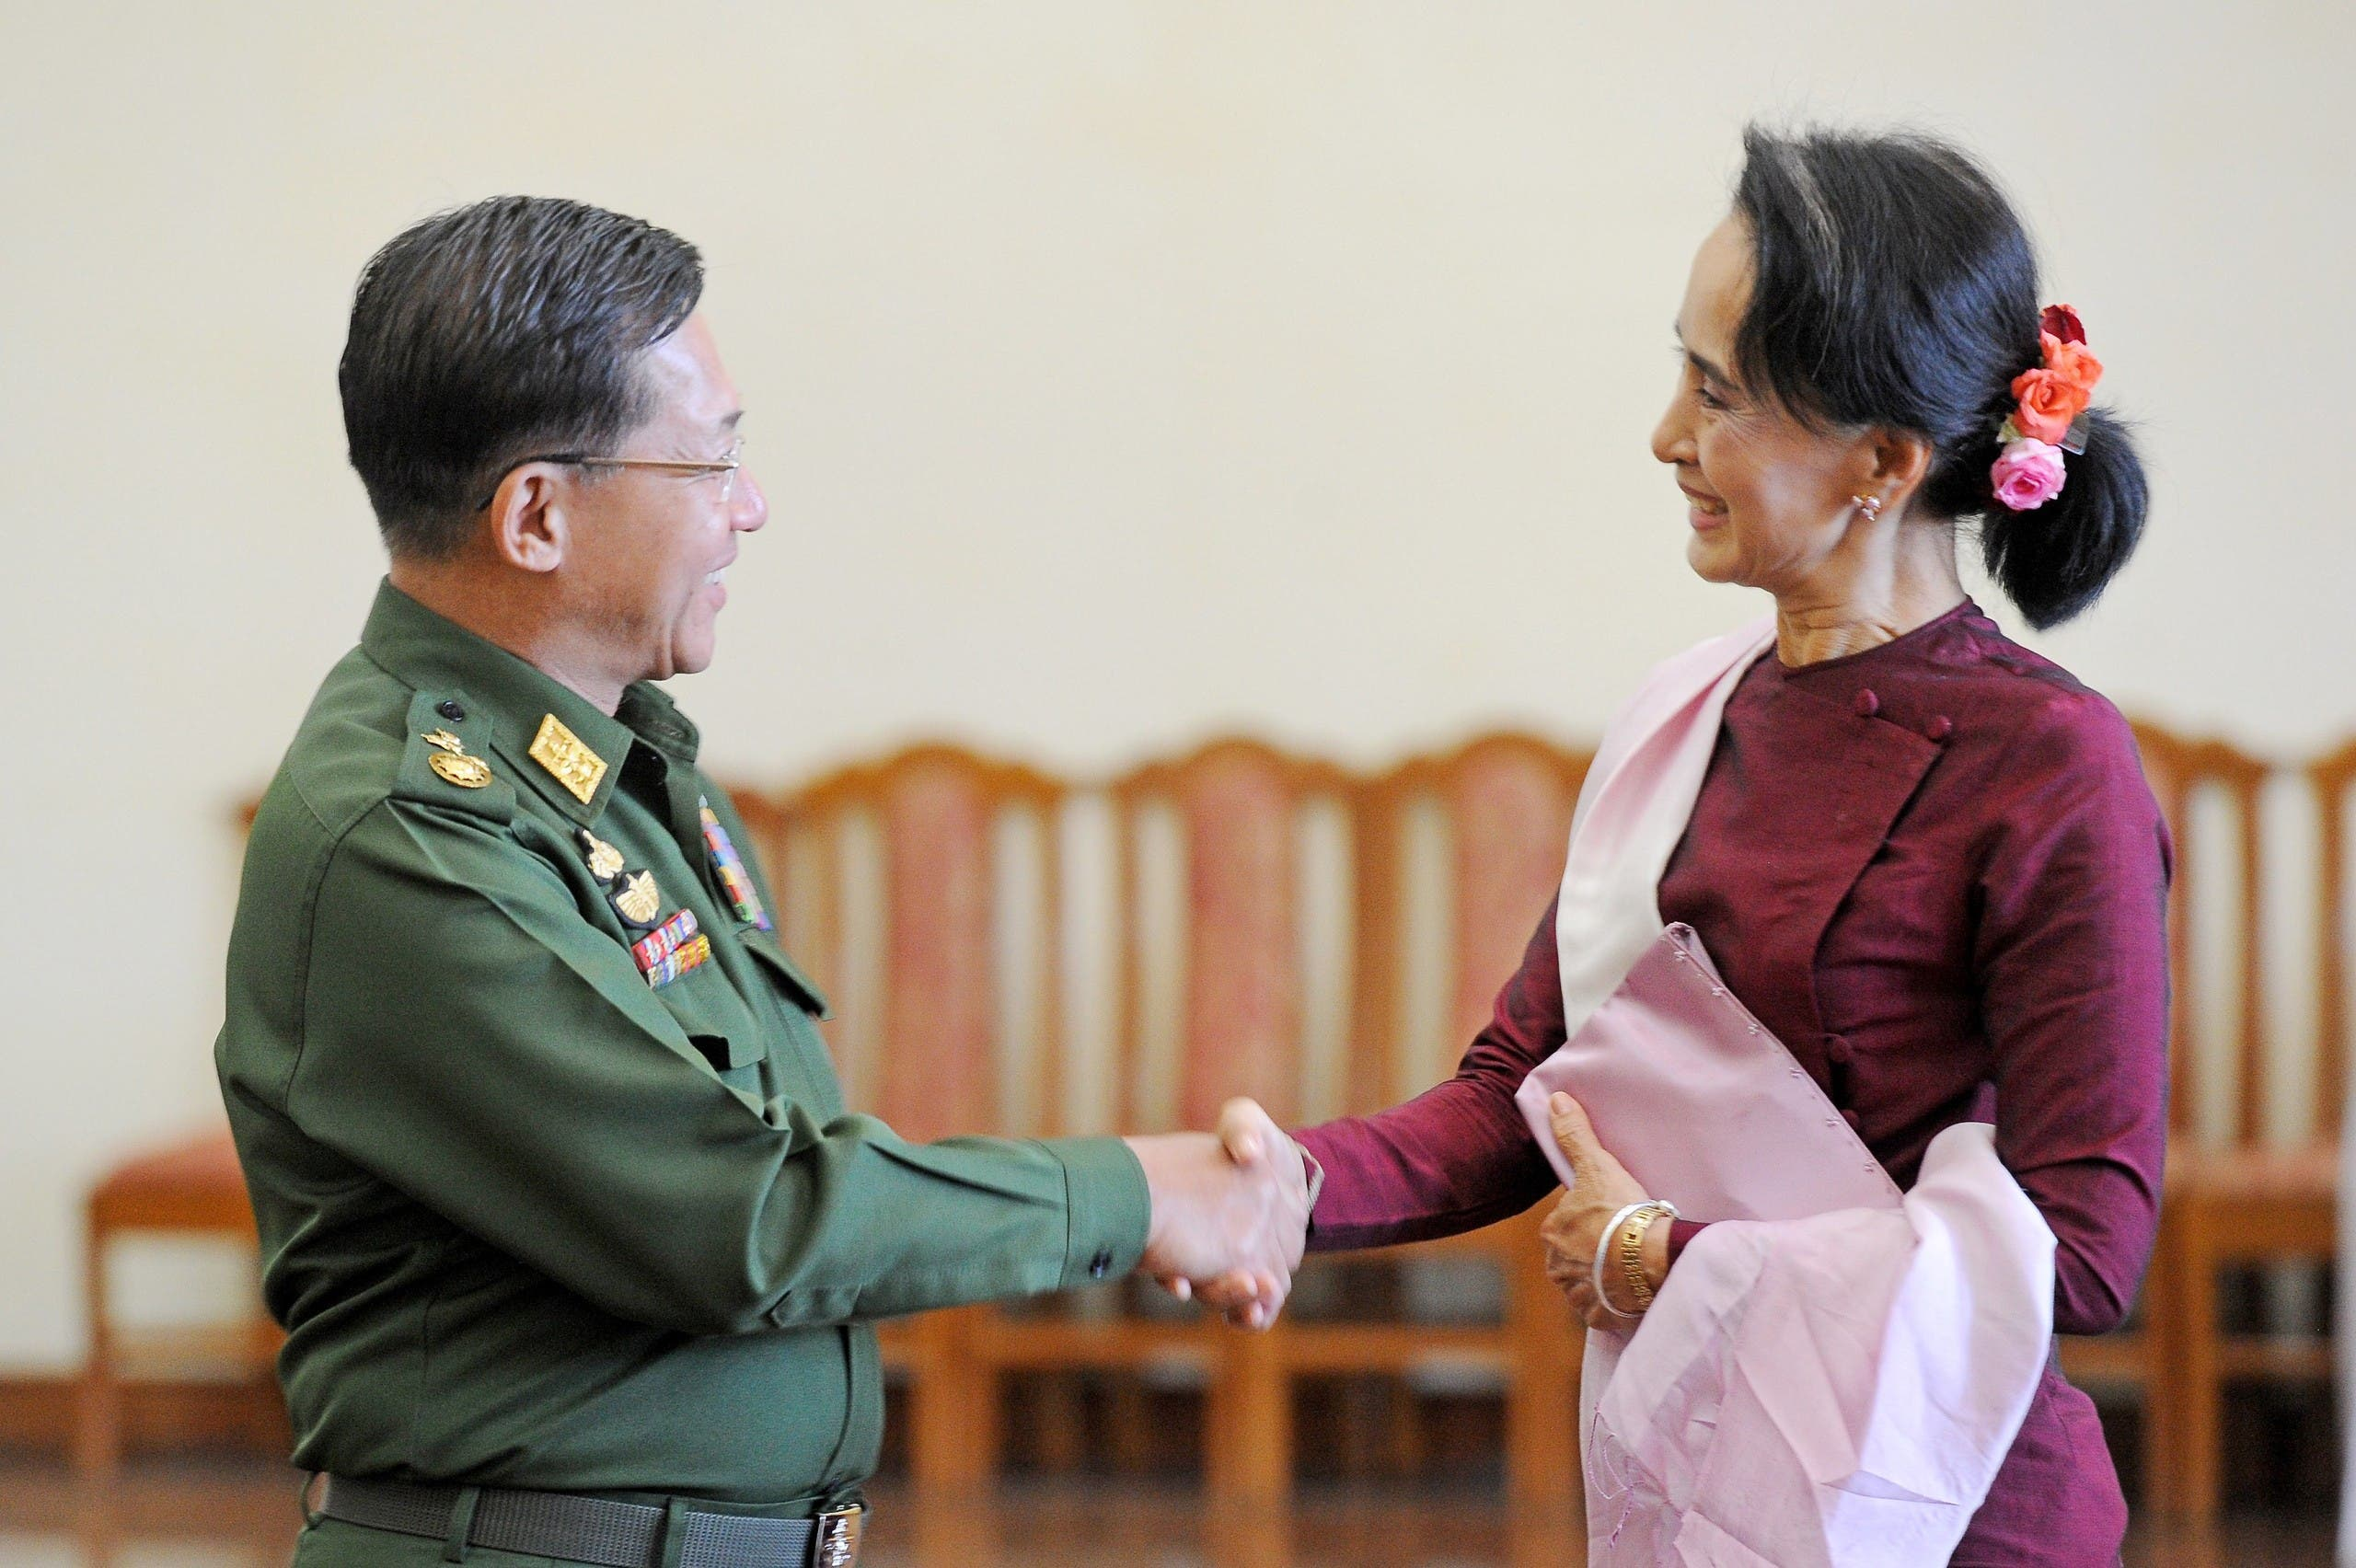 مین اونگ هلاینگ رئیس ارتش میانمار با رهبر برمه (رویترز)